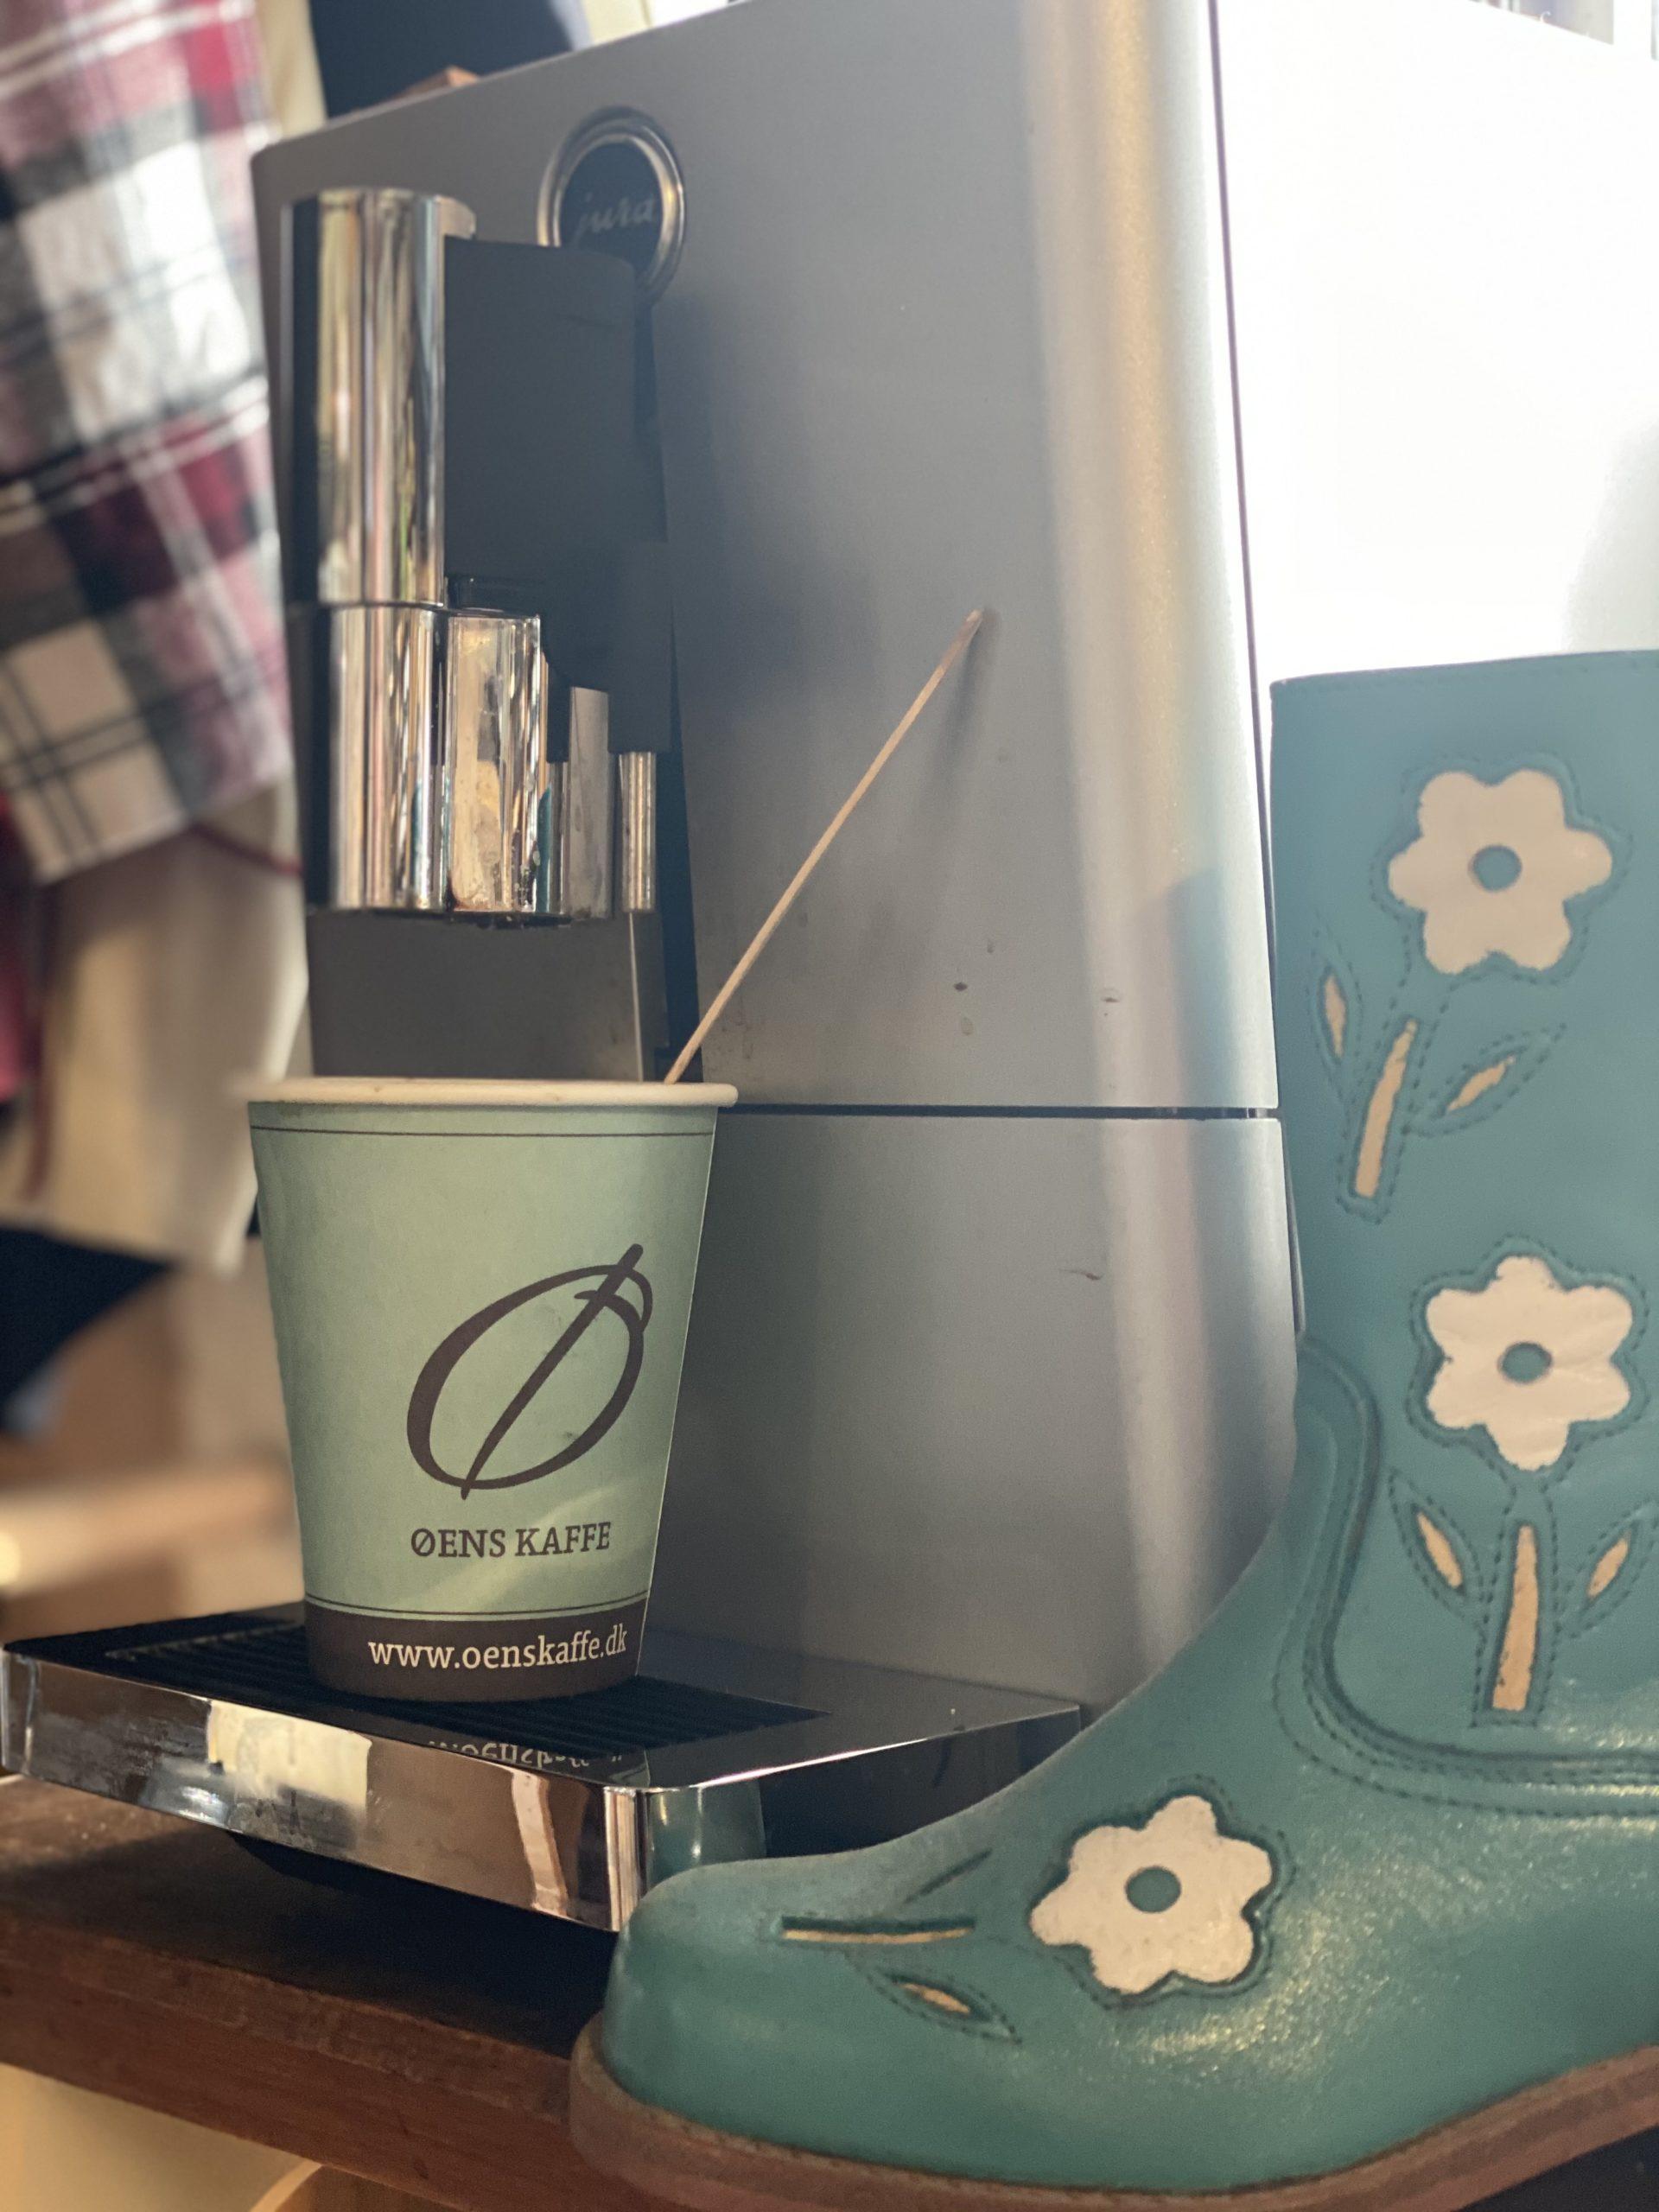 kaffe-hos-laedersmeden